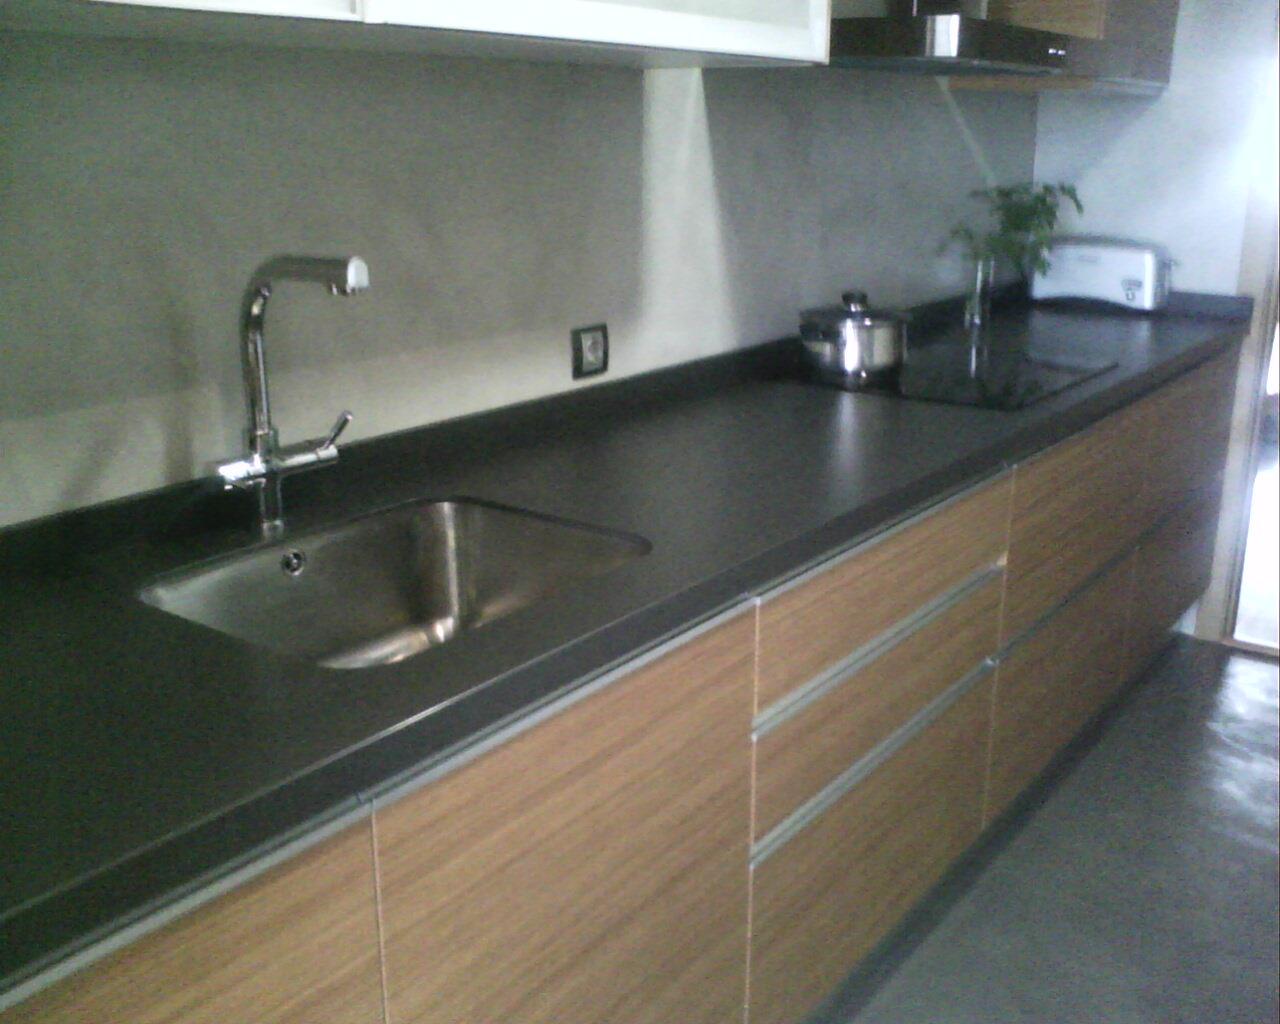 Encimeras de cocina cu les son y c mo conservarlas - Nuevos materiales para encimeras de cocina ...